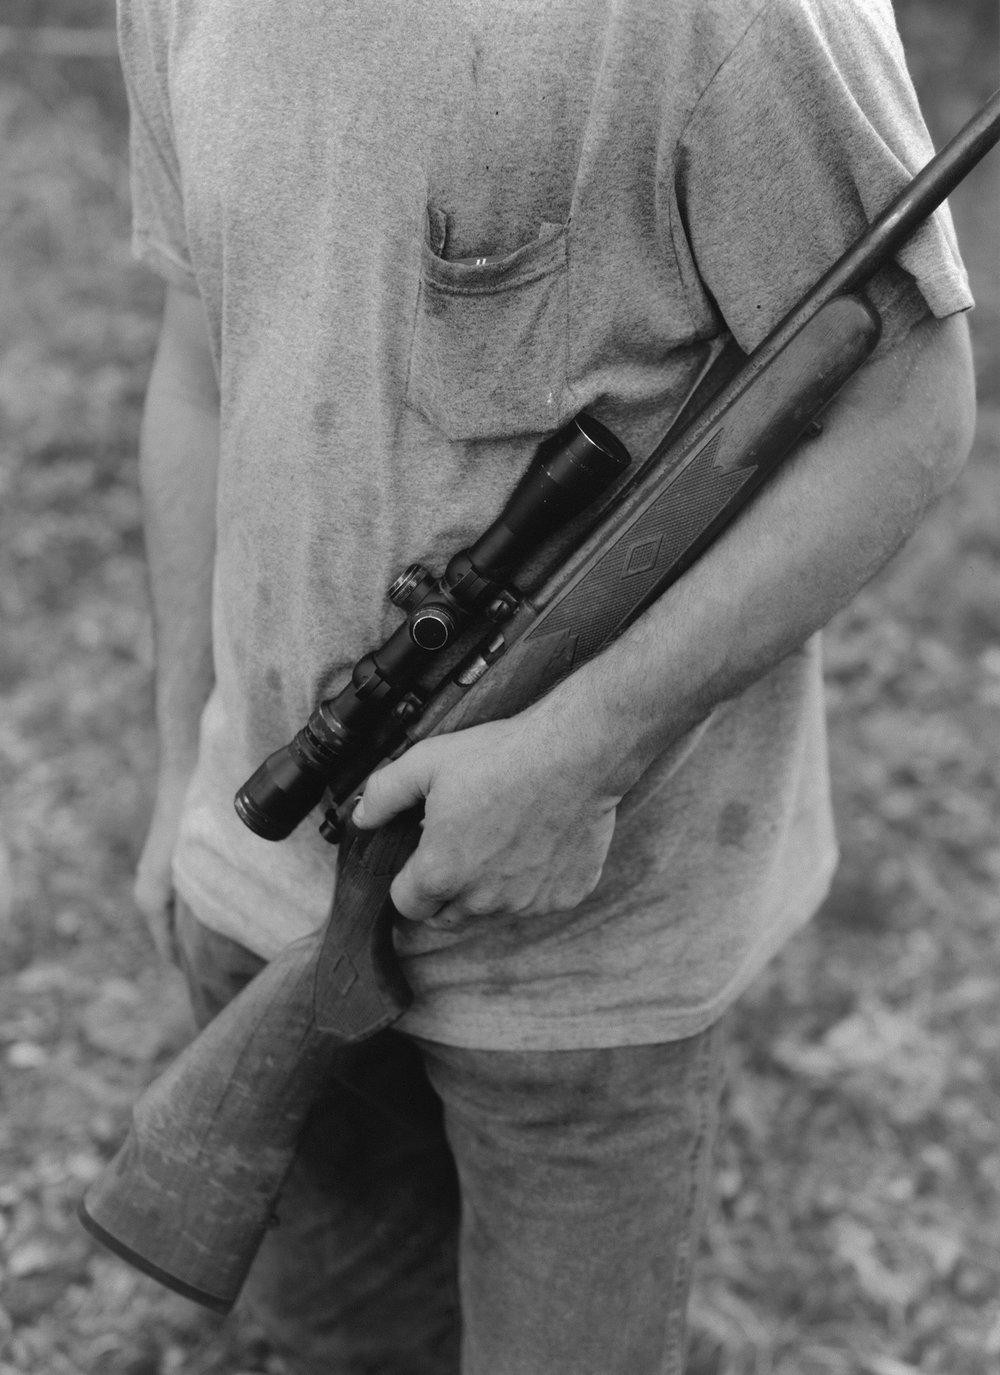 17_gun2.jpg